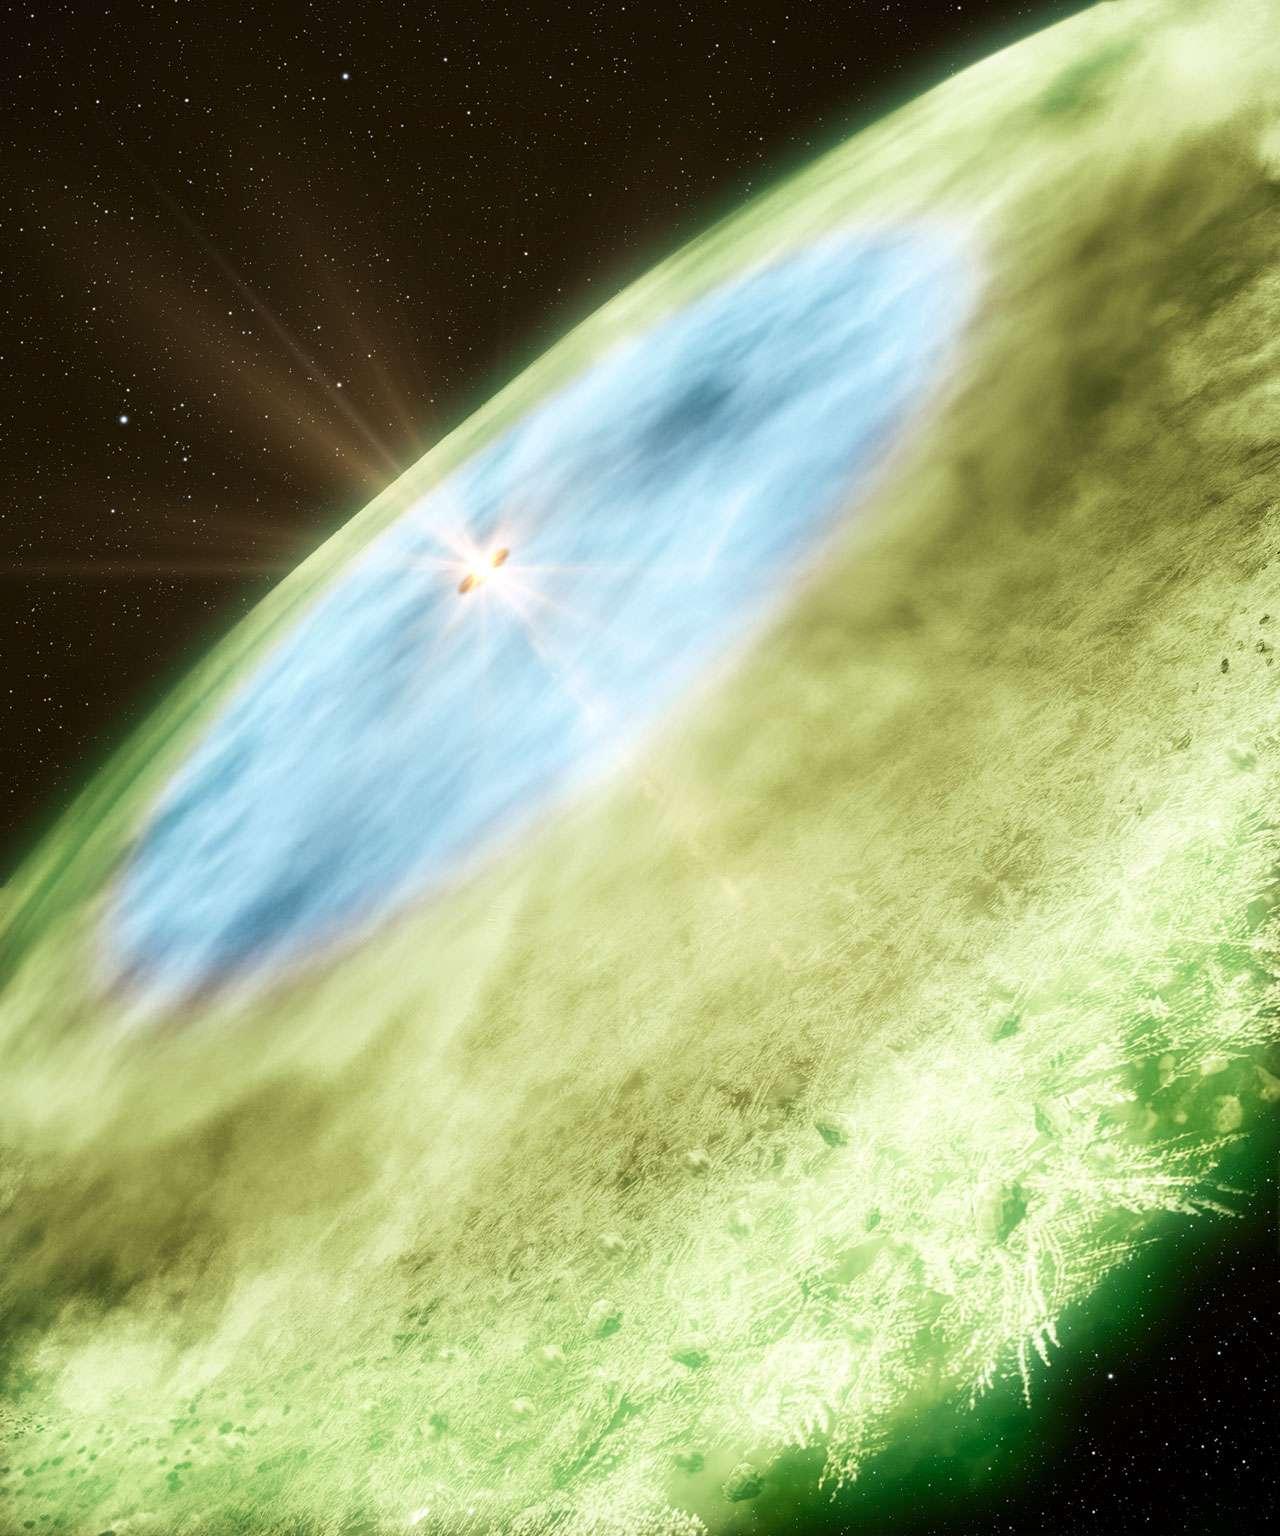 Cette image d'artiste représente ce qu'on appelle une ligne de glace, encore appelée ligne de neige, dans le disque protoplanétaire entourant TW Hydrae. On voit représentés en bleu des grains couverts de glace d'eau dans le disque interne (de 4,5 à 30 UA) et en vert des grains couverts de glace de monoxyde de carbone (CO) dans le disque externe (au-delà de 30 UA). Le passage du bleu au vert marque la ligne de neige du CO. © B. Saxton, A. Angelich, NRAO, AUI, NSF, Alma, ESO, NAOJ